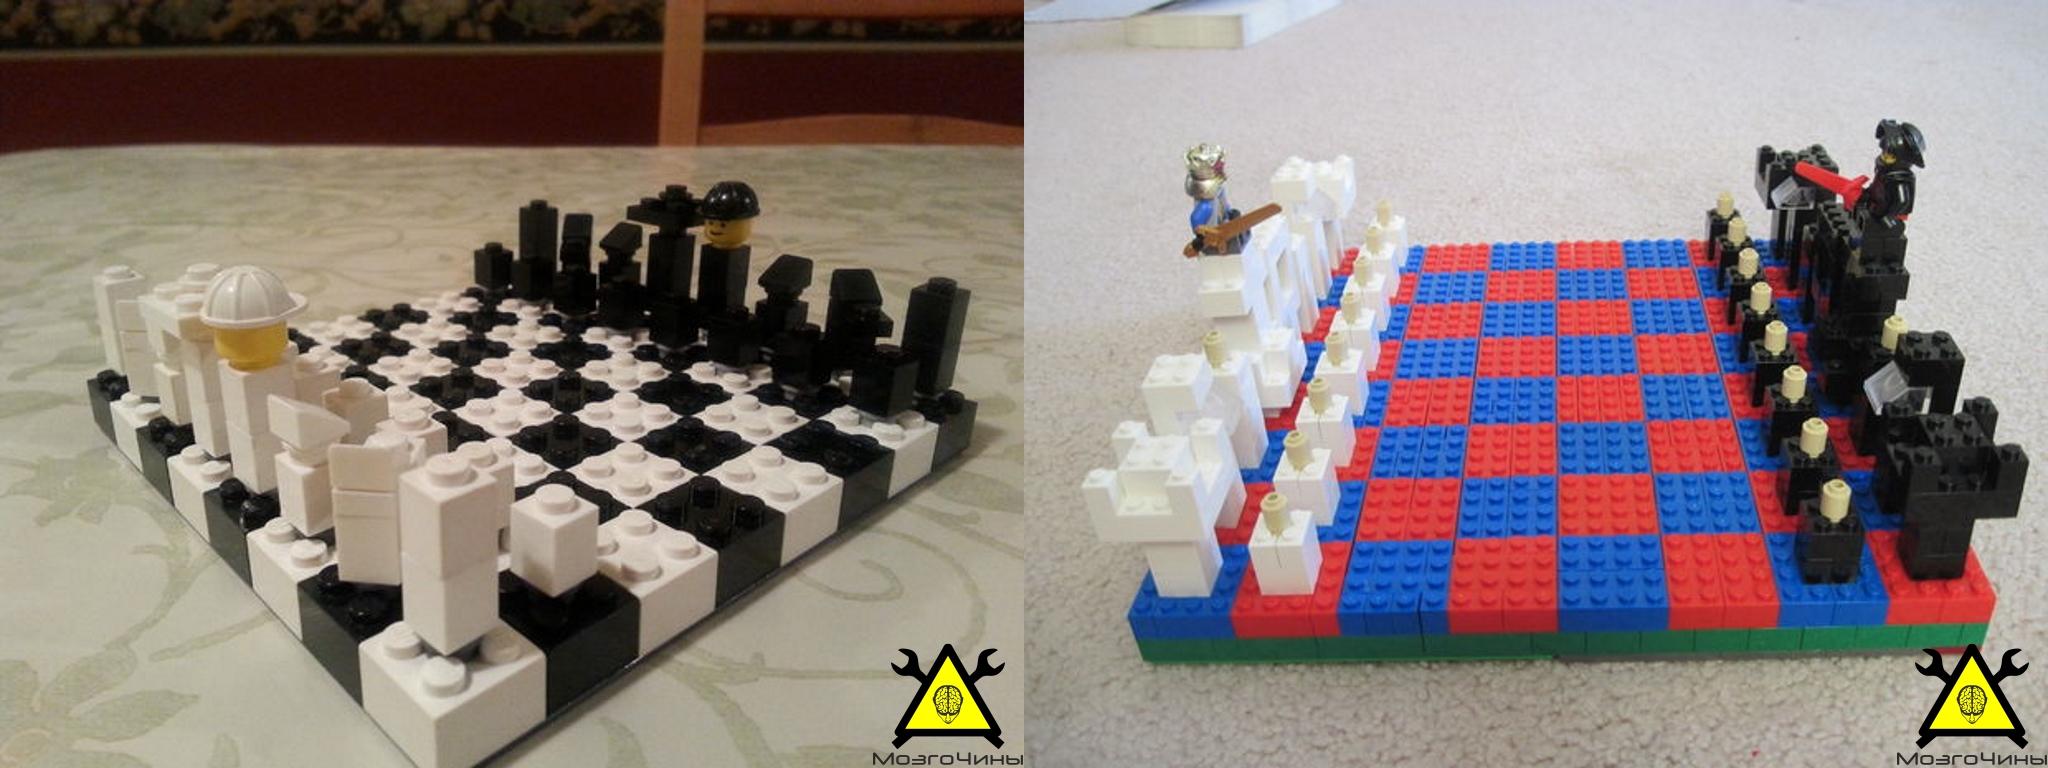 Лего поделки своими руками фото